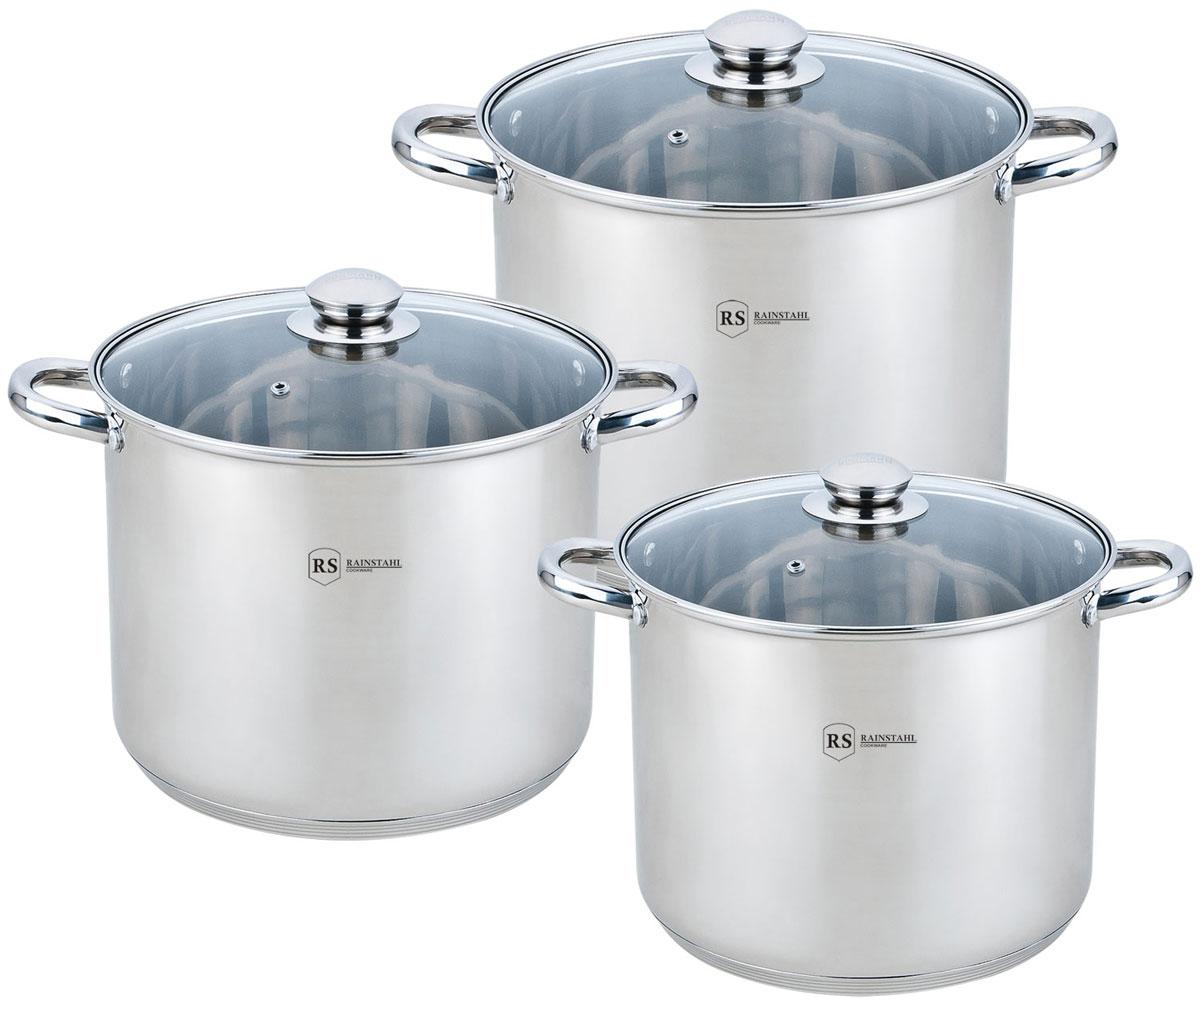 Набор посуды Rainstahl, цвет: стальной, 6 предметов. 2501-06RS/CW BK2501-06RS/CW BKНабор кастрюль из высококачественной нержавеющей стали.5-шаговое термоаккумулирующее капсульное дно, которое быстро и равномерно накапливает тепло и также равномерно передает его пище. Подходит для всех видов плит, включая индукцию. Современные технологии изготовления посуды. Удобные ручки.Состав набора посуды:- кастрюля с крышкой, диаметр 20 см, высота 18 см, объем 5,8 л;- кастрюля с крышкой, диаметр 22 см, высота 19 см, объем 7,4 л;- кастрюля с крышкой, диаметр 24 см, высота 20 см, объем 9,1 л.